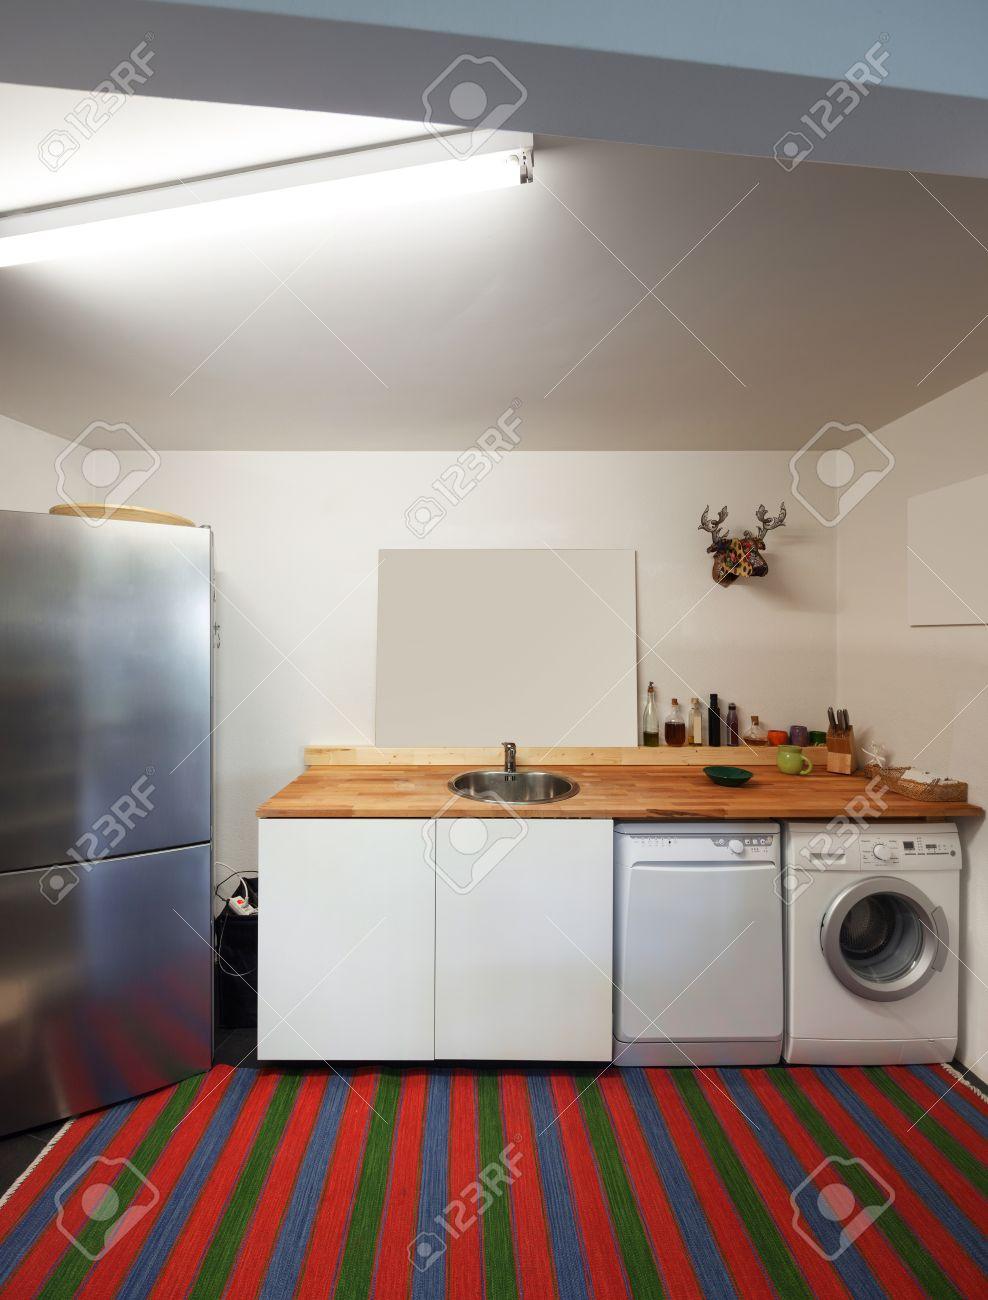 Inter Wohnung Kuche Mit Waschmaschine Und Geschirrspuler